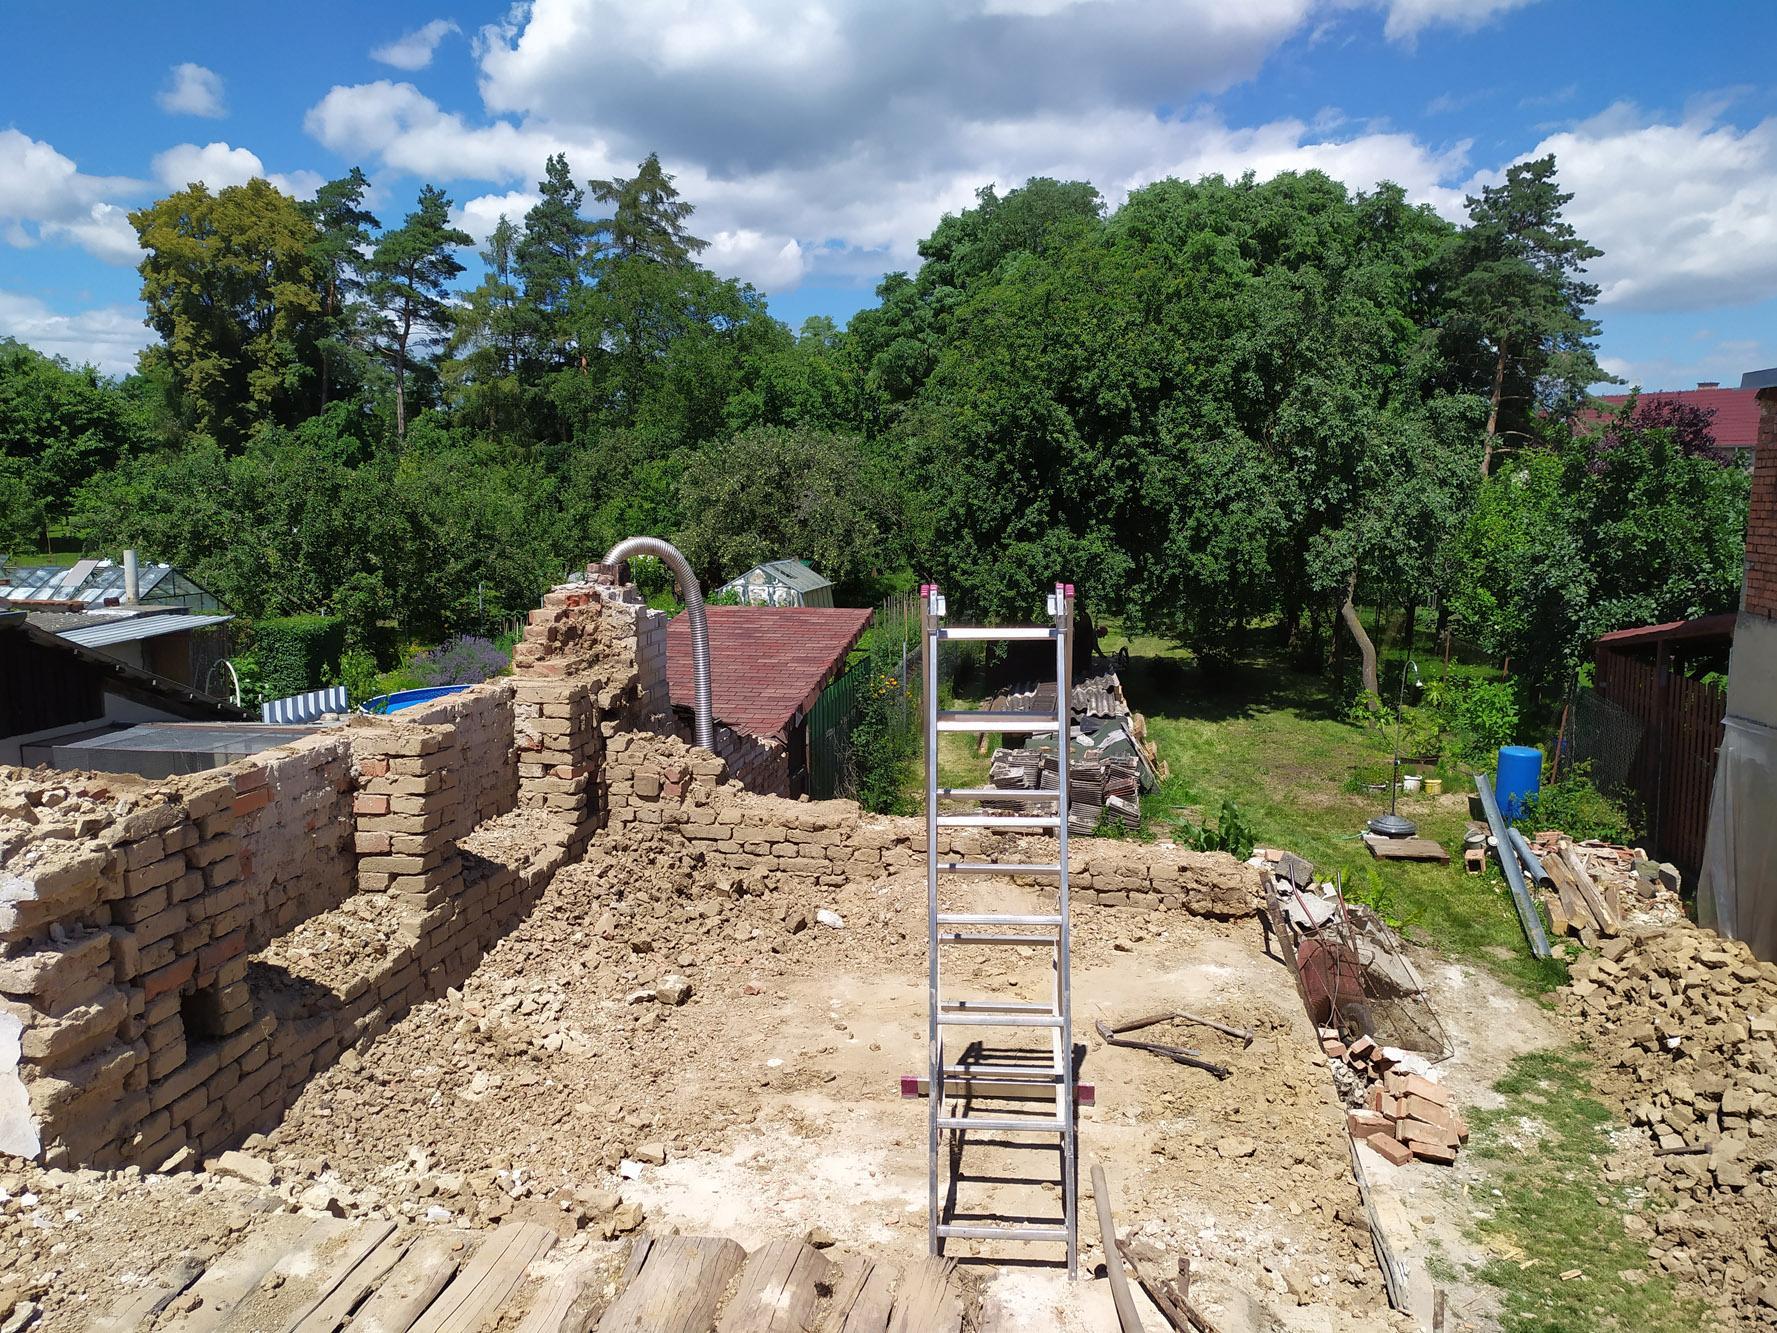 Bourání staré a stavba nové řadovky - Délka zahrady je cca 50 metrů